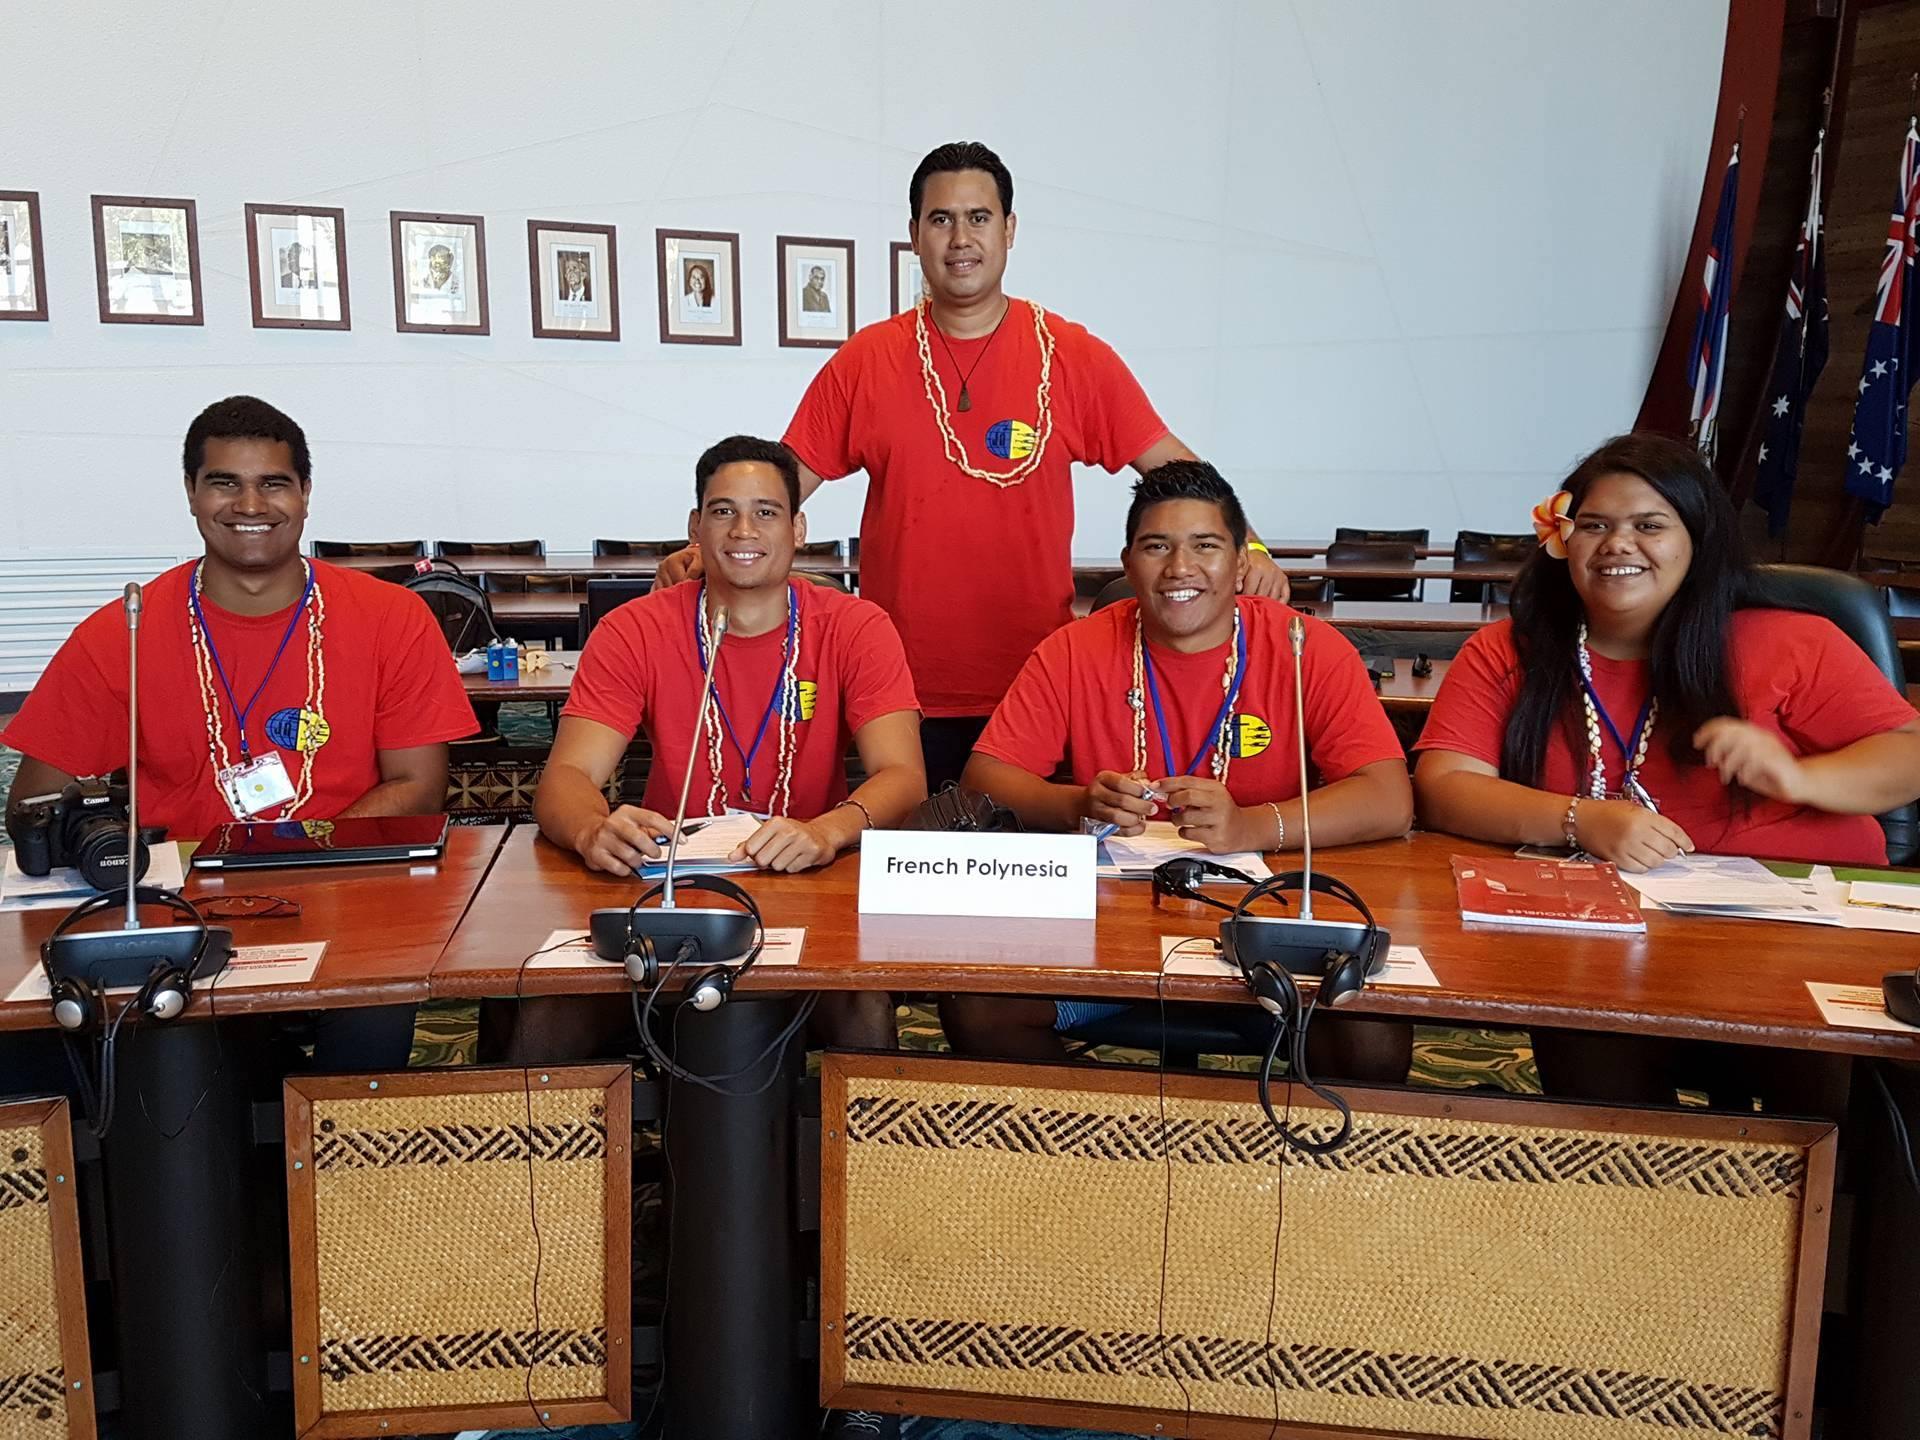 Les jeunes polynésiens à leur arrivée en Nouvelle-Calédonie.